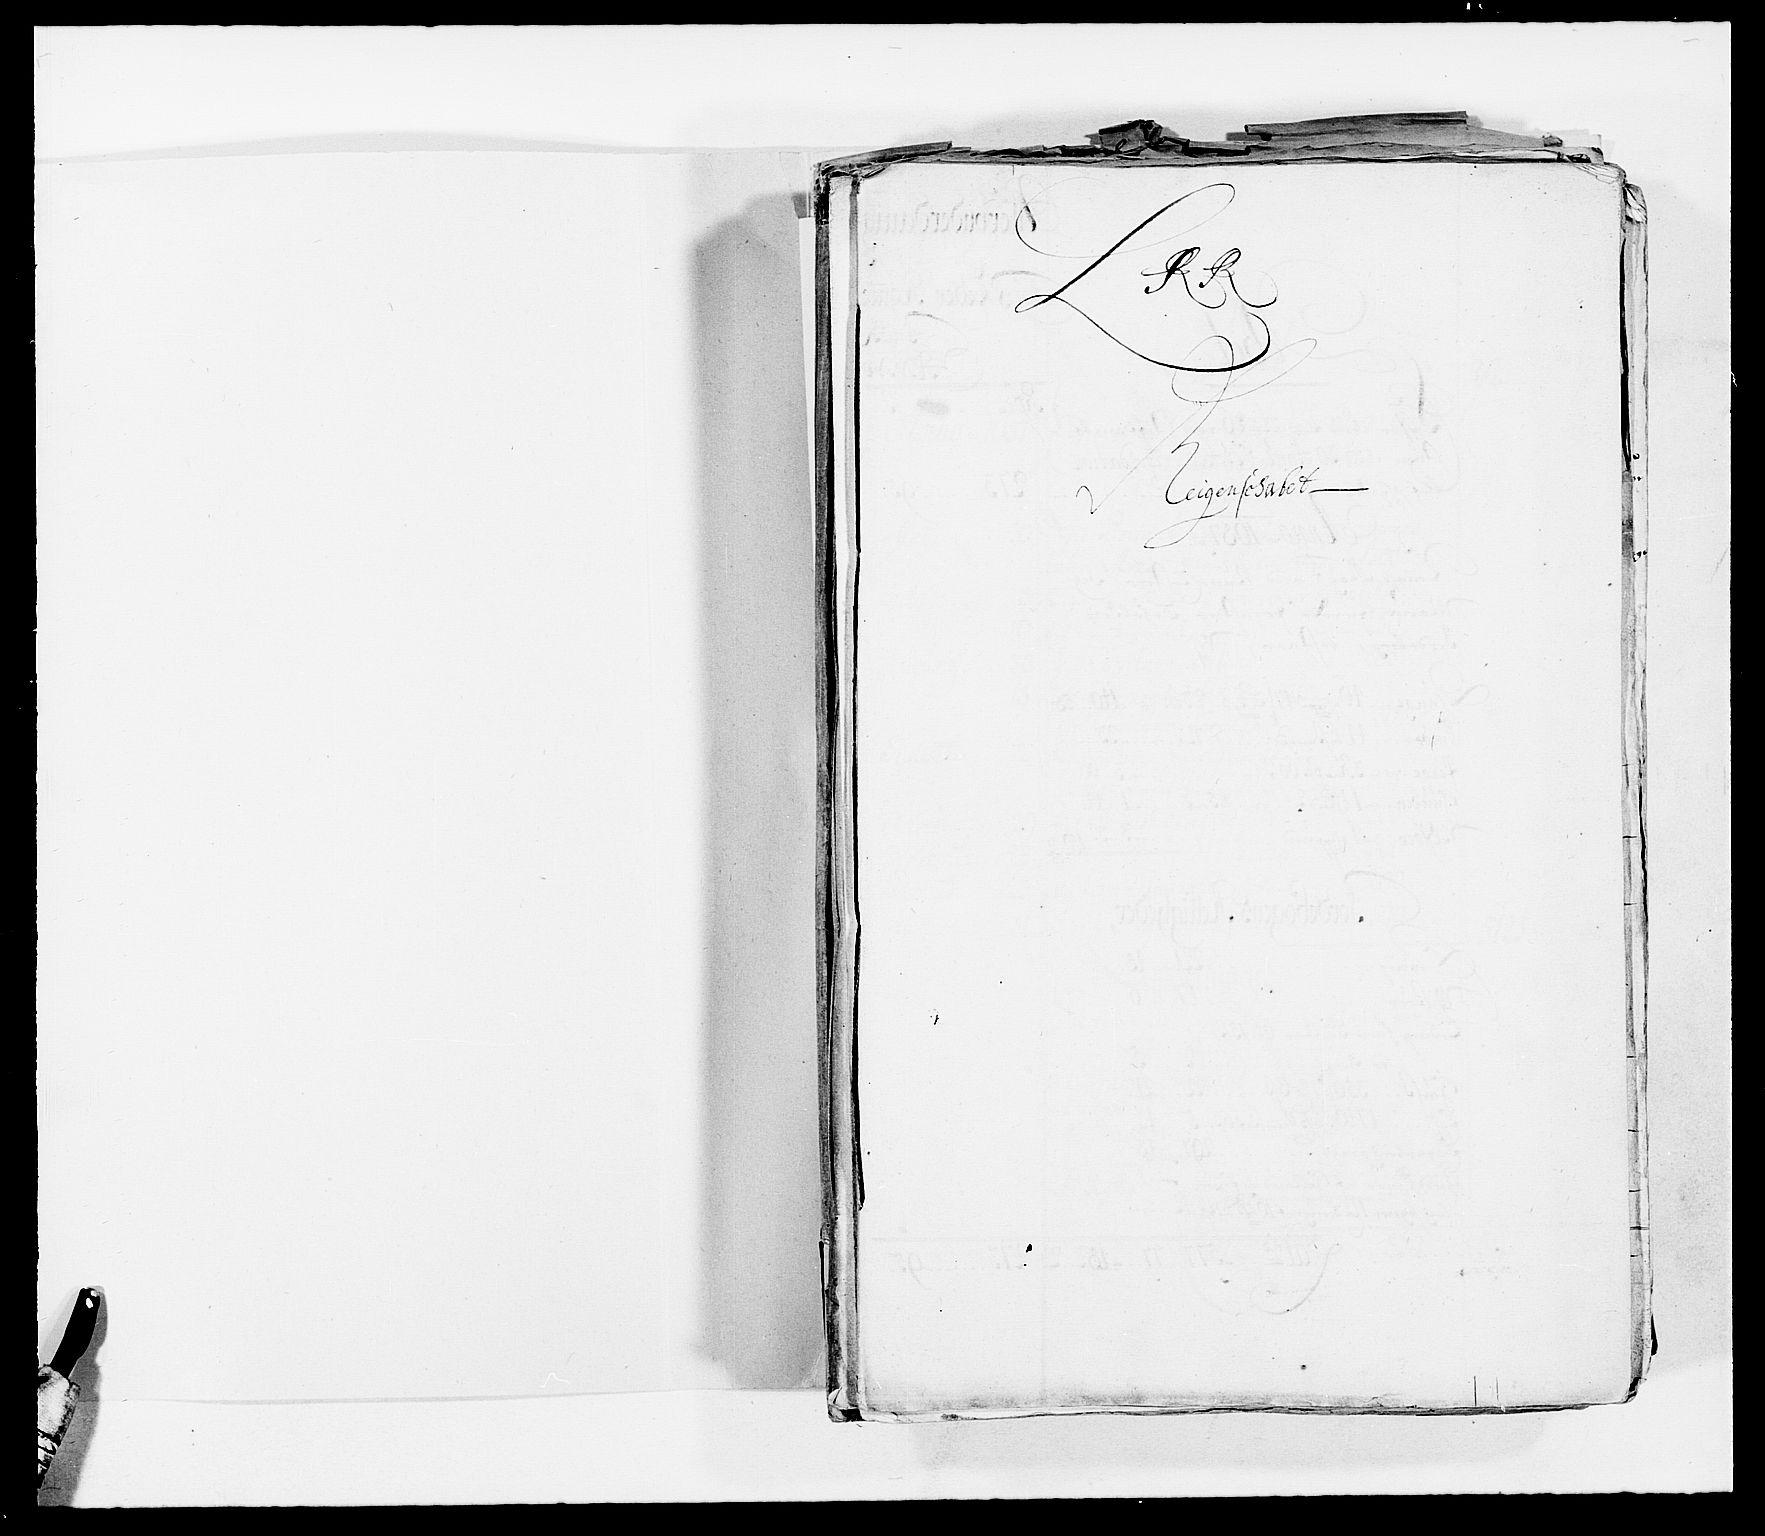 RA, Rentekammeret inntil 1814, Reviderte regnskaper, Fogderegnskap, R11/L0572: Fogderegnskap Nedre Romerike, 1686-1687, s. 213